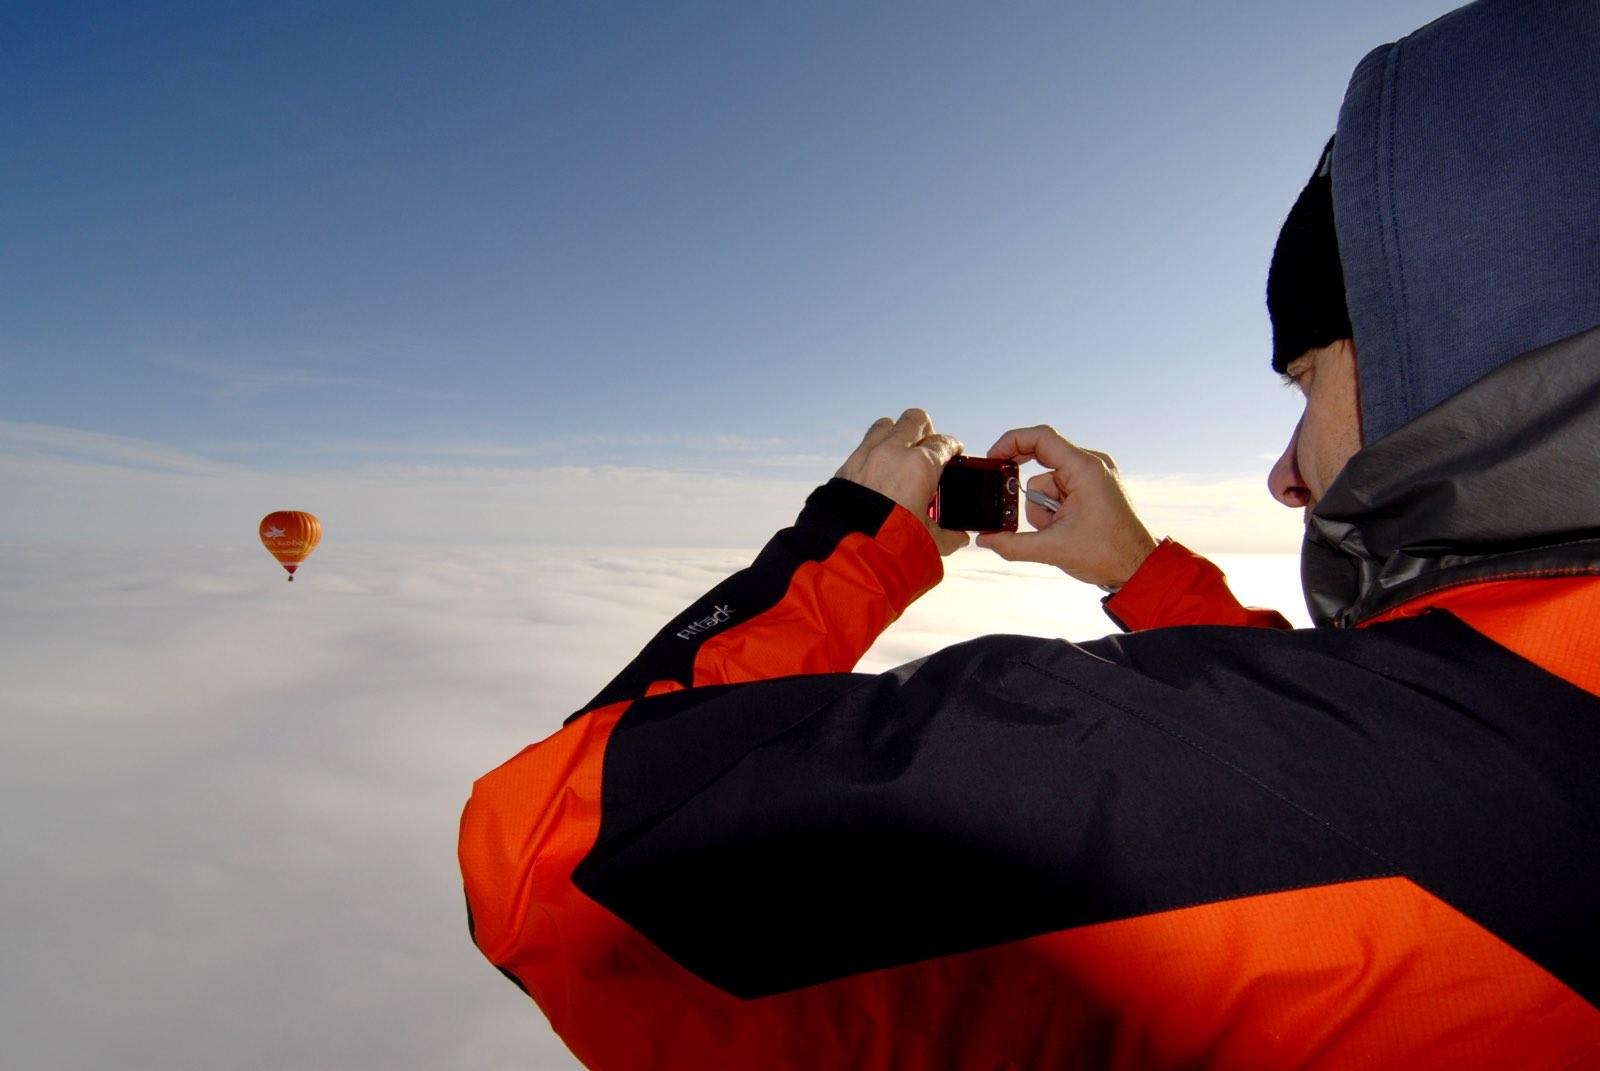 Hot air ballooning in the Czech Republic